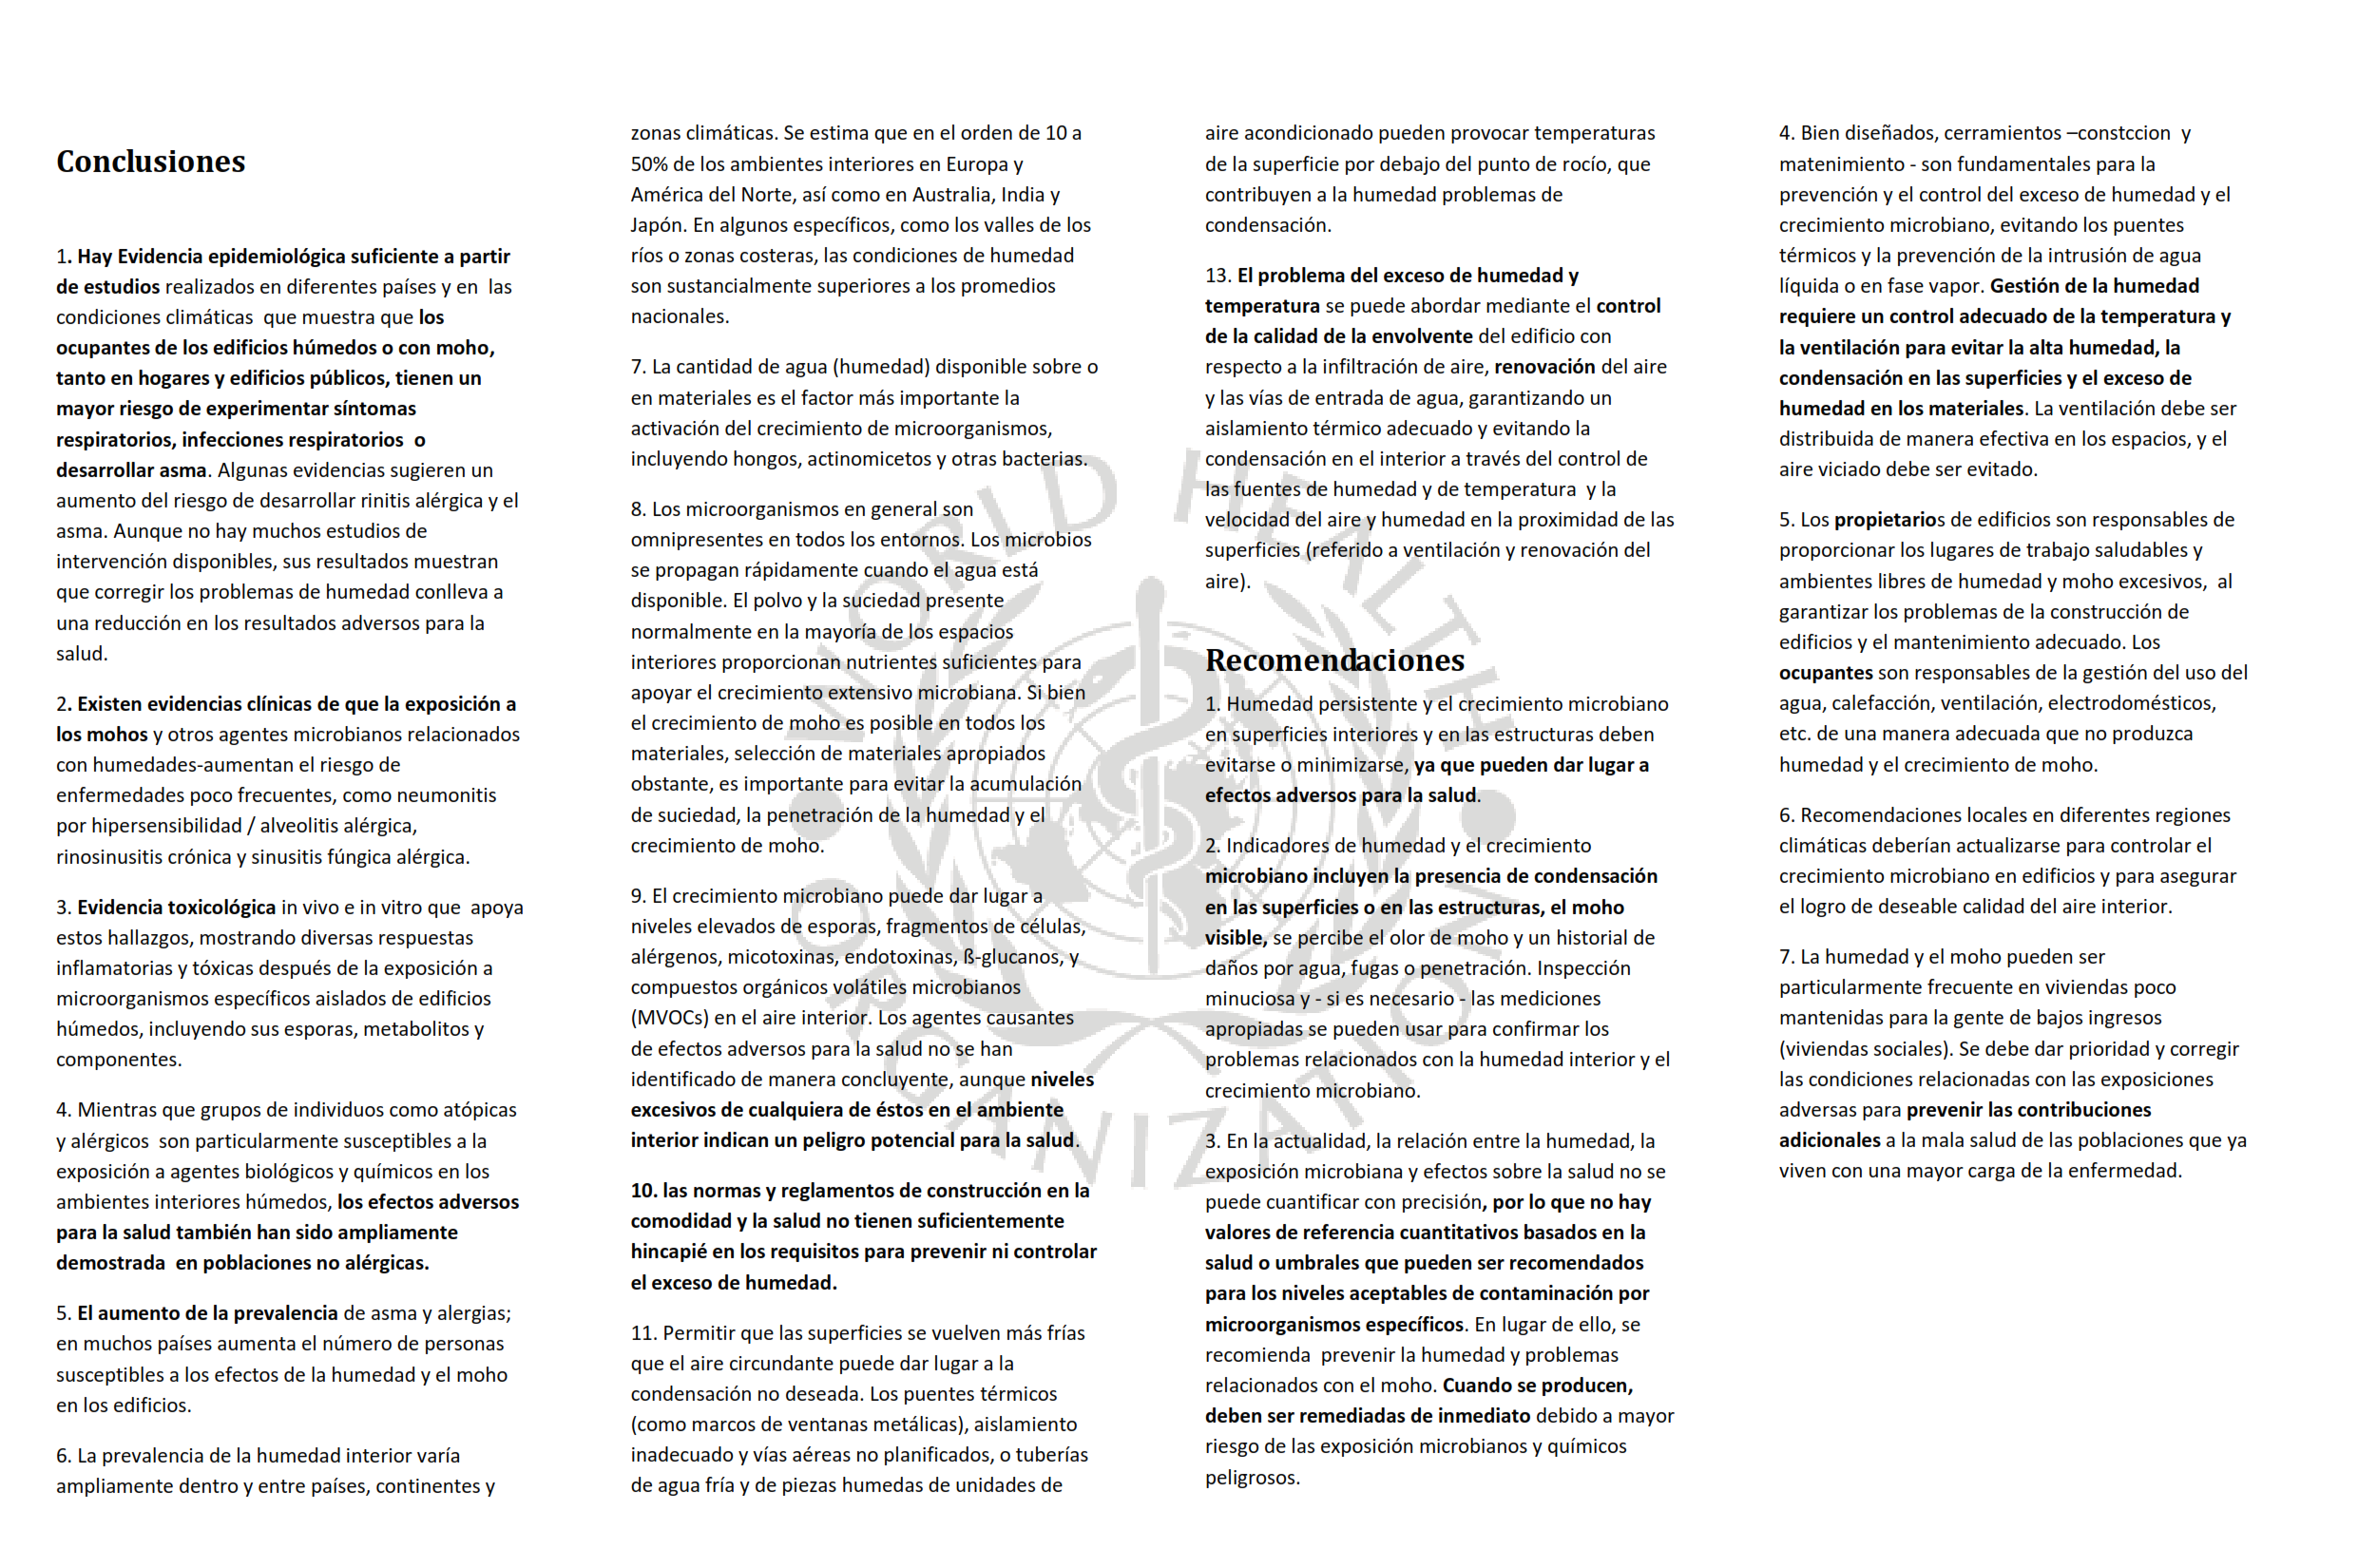 OMS 2 calidad AIRE Y MOHO en castellano resumido 150_002